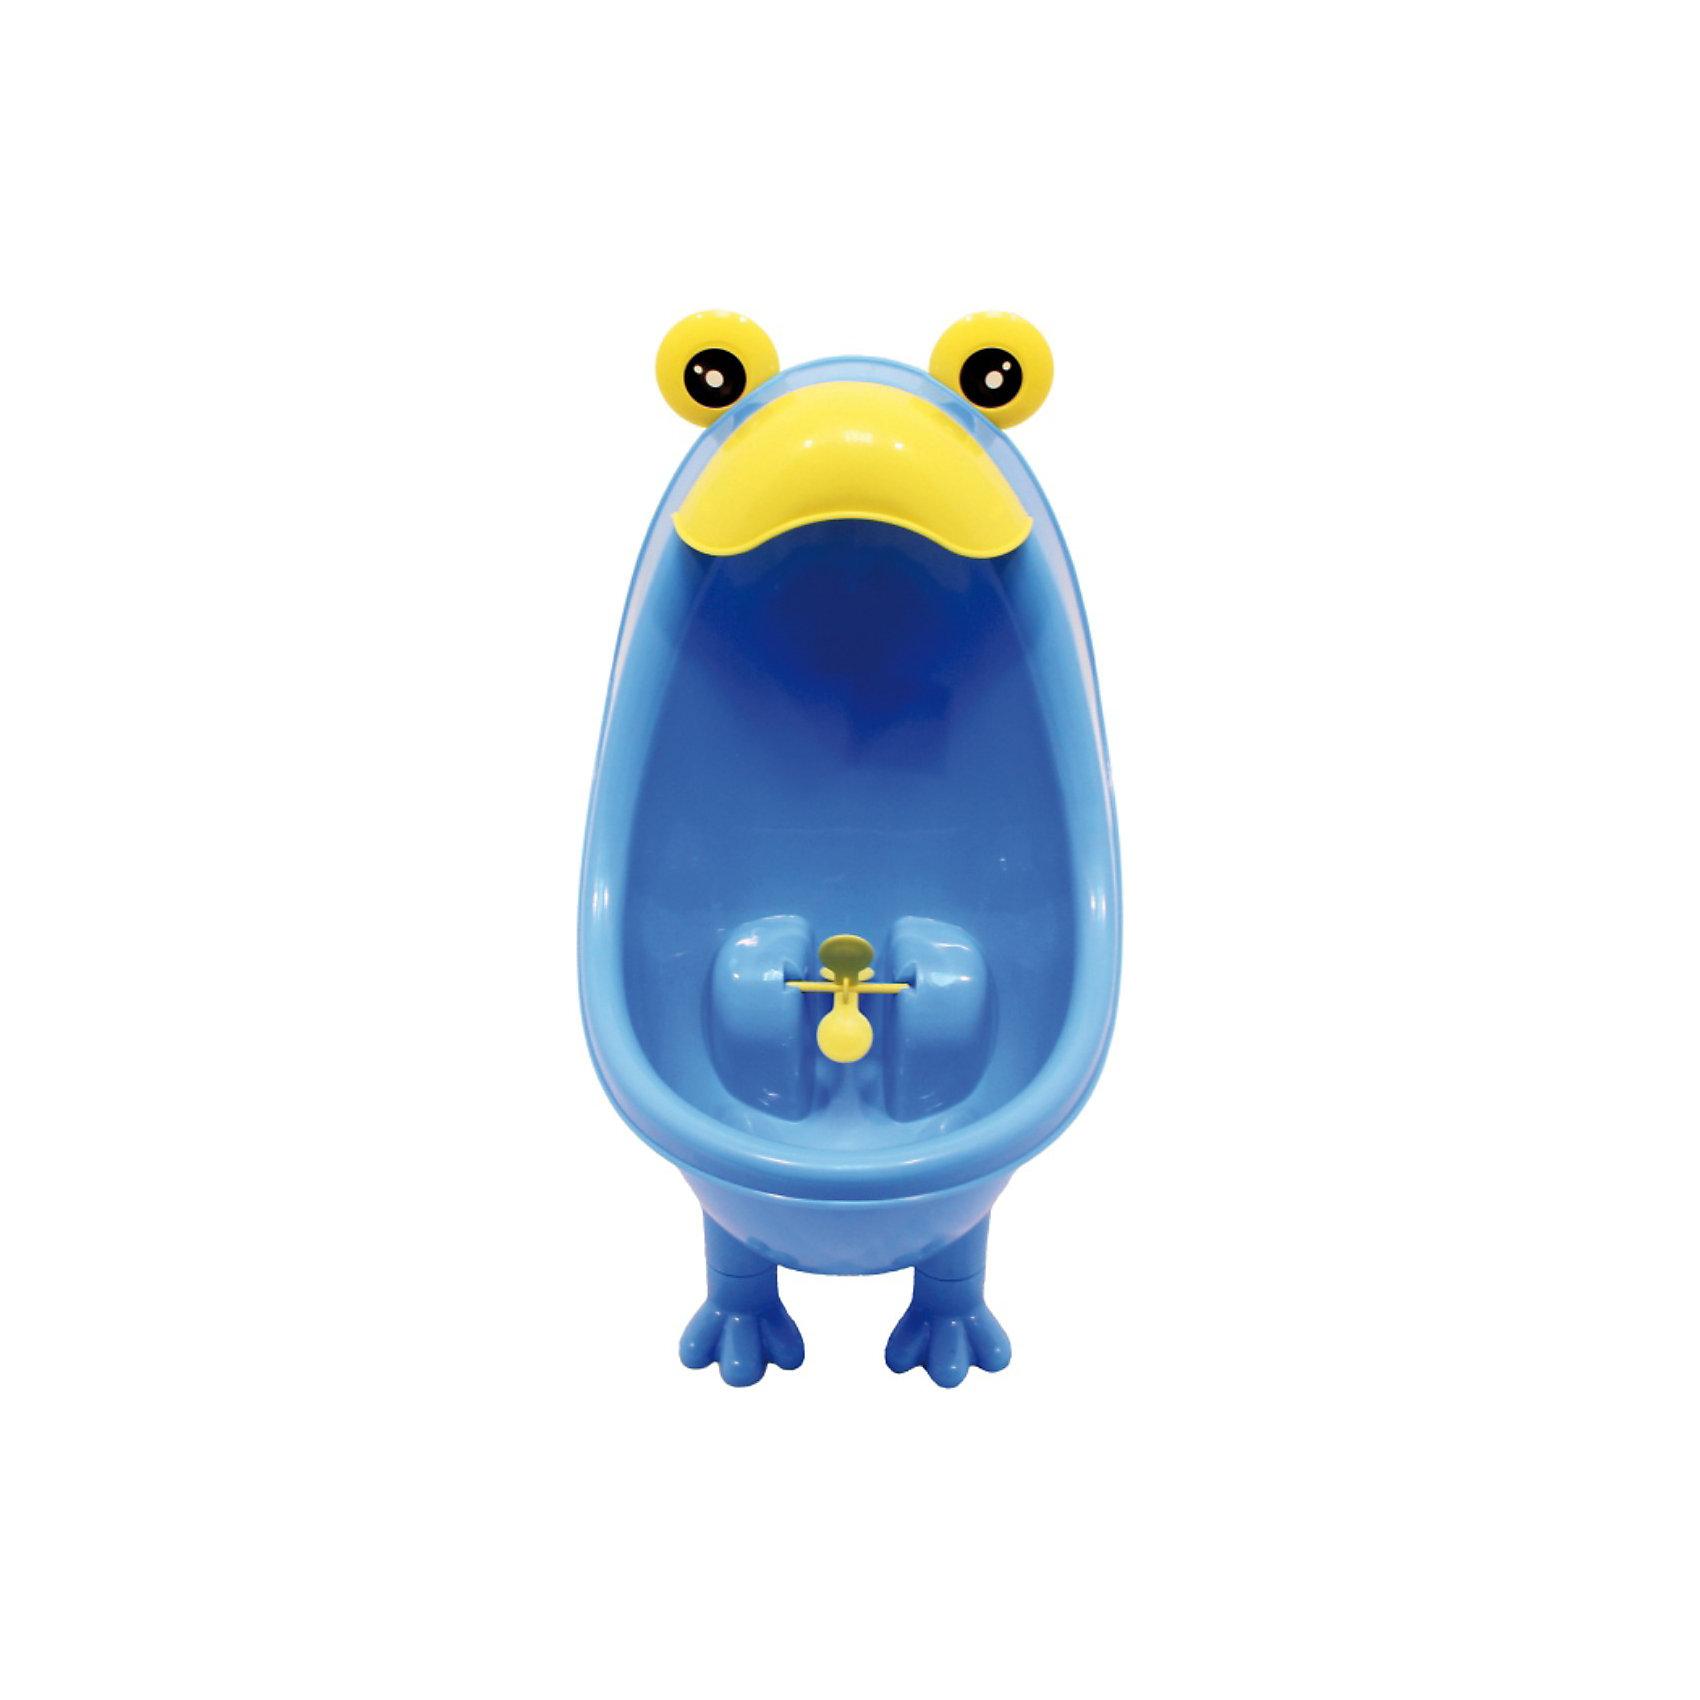 Писсуар для мальчиков, ROXY-KIDS, в ассортиментеГоршки, сиденья для унитаза, стульчики-подставки<br>С помощью писсуара для мальчиков, ROXY-KIDS, в ассортименте мальчик сможет ходить по-маленькому как большой. Он помогает приучить мальчиков с самого раннего возраста к хождению во взрослый туалет и удовлетворяет потребность малышей во всем подражать родителям. <br>Писсуар можно как закрепить на стене на присоске, так и просто поставить на пол (у писсуара есть маленькие ножки). Он изготовлен из безопасного и качественного пластика. <br>Небольшие размеры писсуара позволяют повесить его в любой ванной комнате. Писсуар оснащен специальным прицелом, чтобы малыш попал наверняка. Прицел выполнен в виде пропеллера, что привлекает внимание малыша и повышает интерес к процессу.<br><br>Дополнительная информация:<br><br>- размер: 36х22см<br>- материал: пластик<br>- размеры упаковки: 22 х 22 х 36 см<br><br>ВНИМАНИЕ: Данный артикул представлен в разных цветовых исполнениях (белый и голубой). К сожалению, заранее выбрать определенный цвет невозможно. При заказе нескольких писсуаров возможно получение одинаковых.<br><br>Писсуар для мальчиков, ROXY-KIDS (Рокси), в ассортименте можно купить в нашем магазине.<br><br>Ширина мм: 220<br>Глубина мм: 220<br>Высота мм: 360<br>Вес г: 500<br>Возраст от месяцев: 12<br>Возраст до месяцев: 60<br>Пол: Мужской<br>Возраст: Детский<br>SKU: 3694570